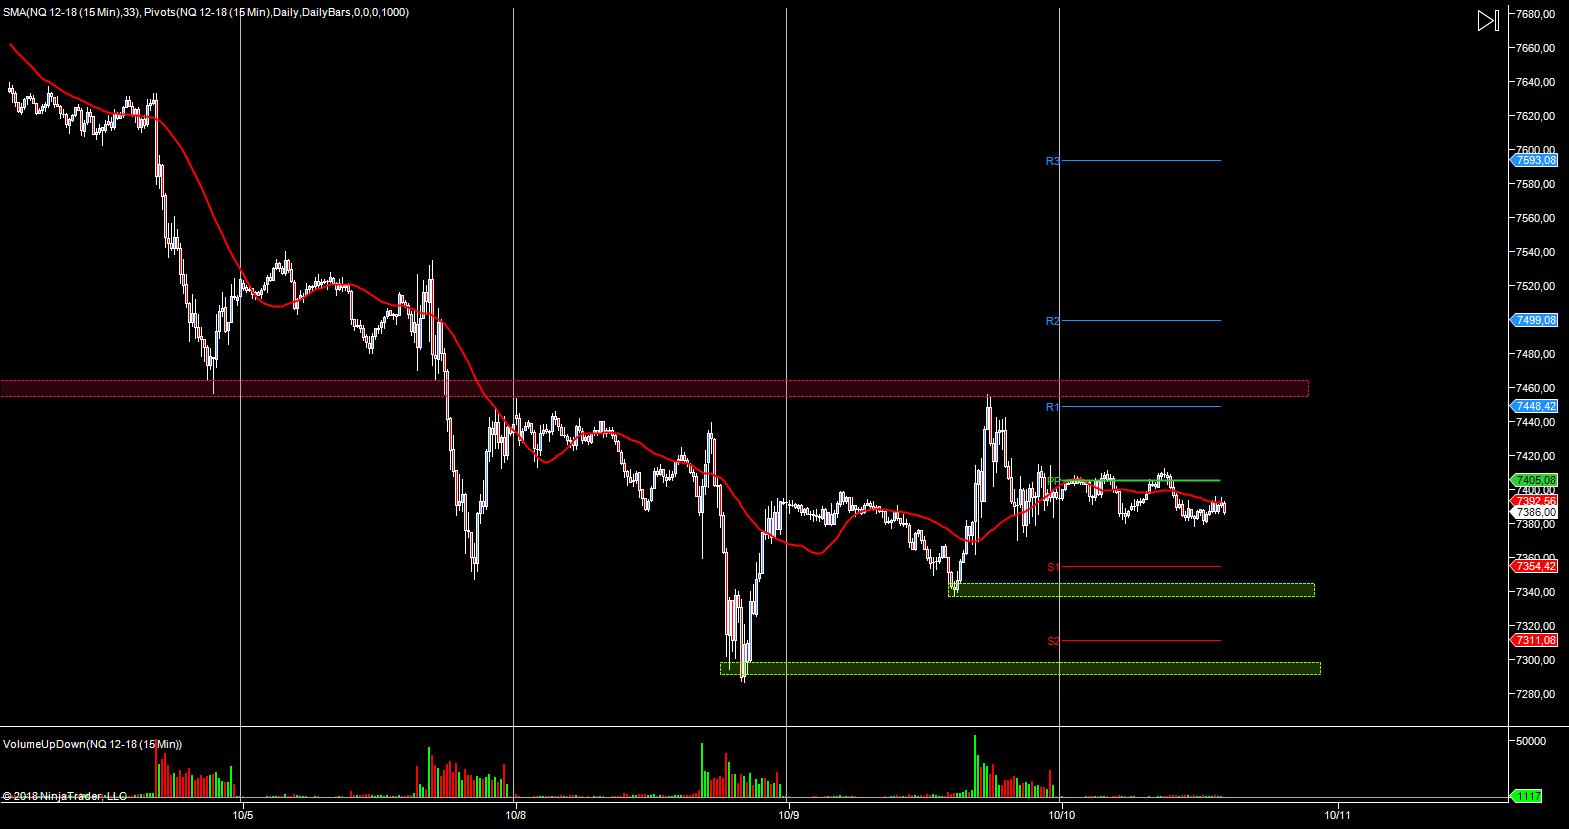 WYKRES NASDAQ M15 10.10.2018